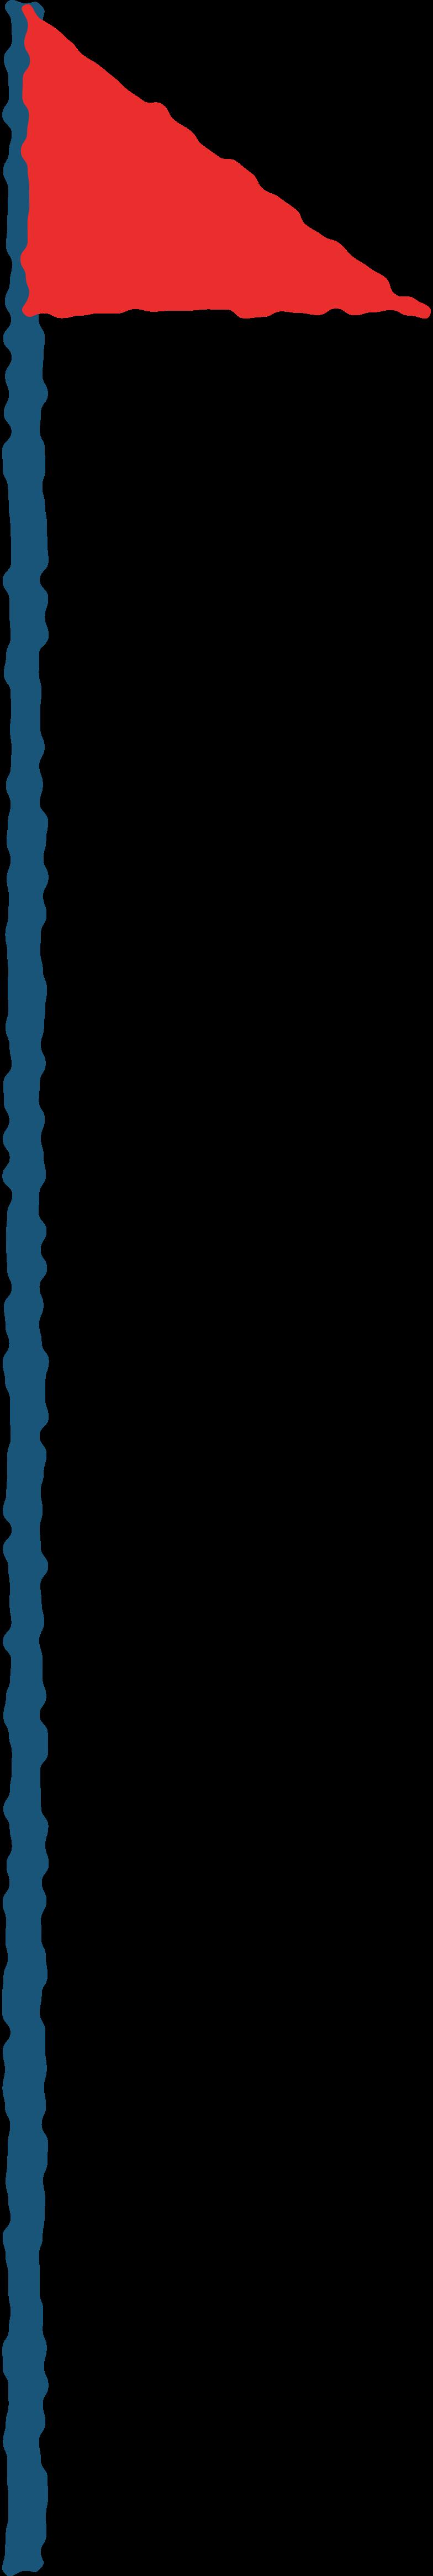 Иллюстрация флаг гольф в стиле  в PNG и SVG | Icons8 Иллюстрации